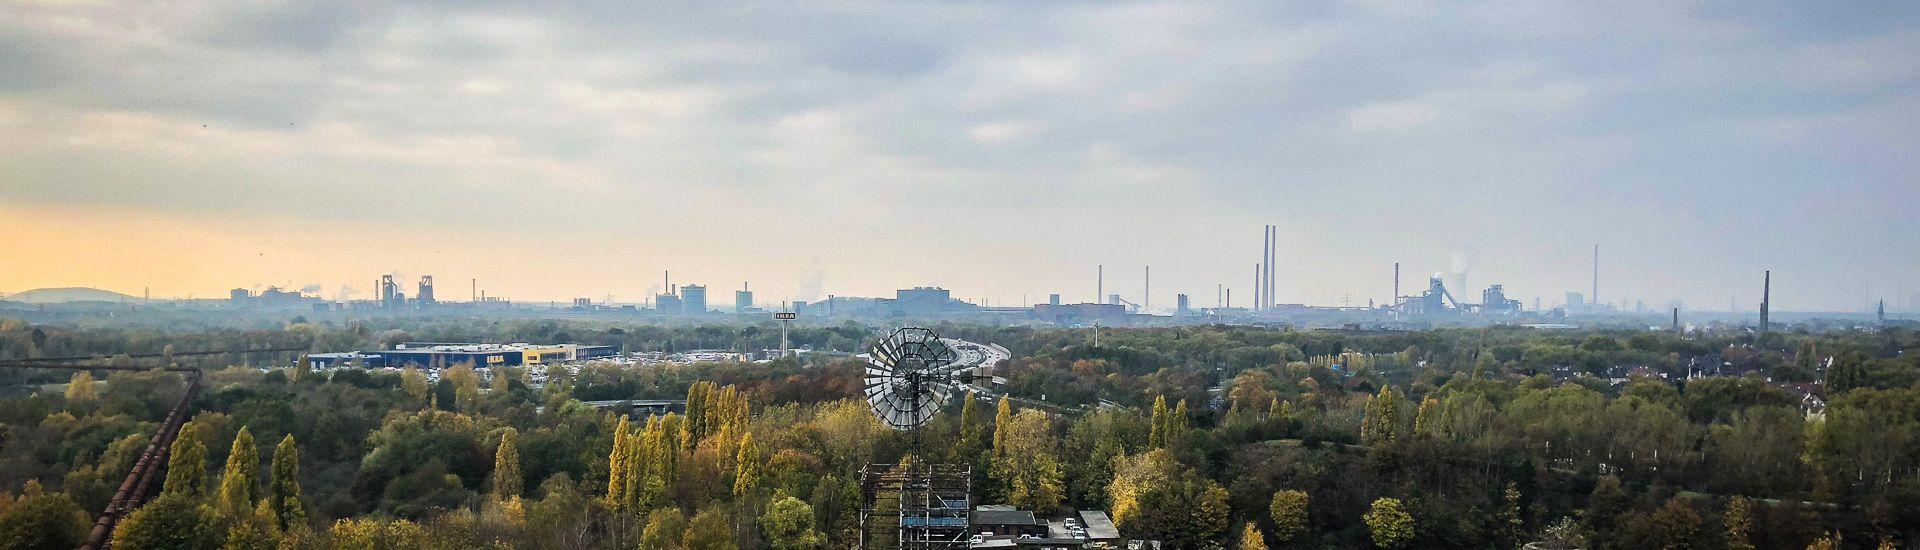 Duisburg im Ruhrgebiet: Eine der Ruhrgebietskommunen die unter Schulden leidet